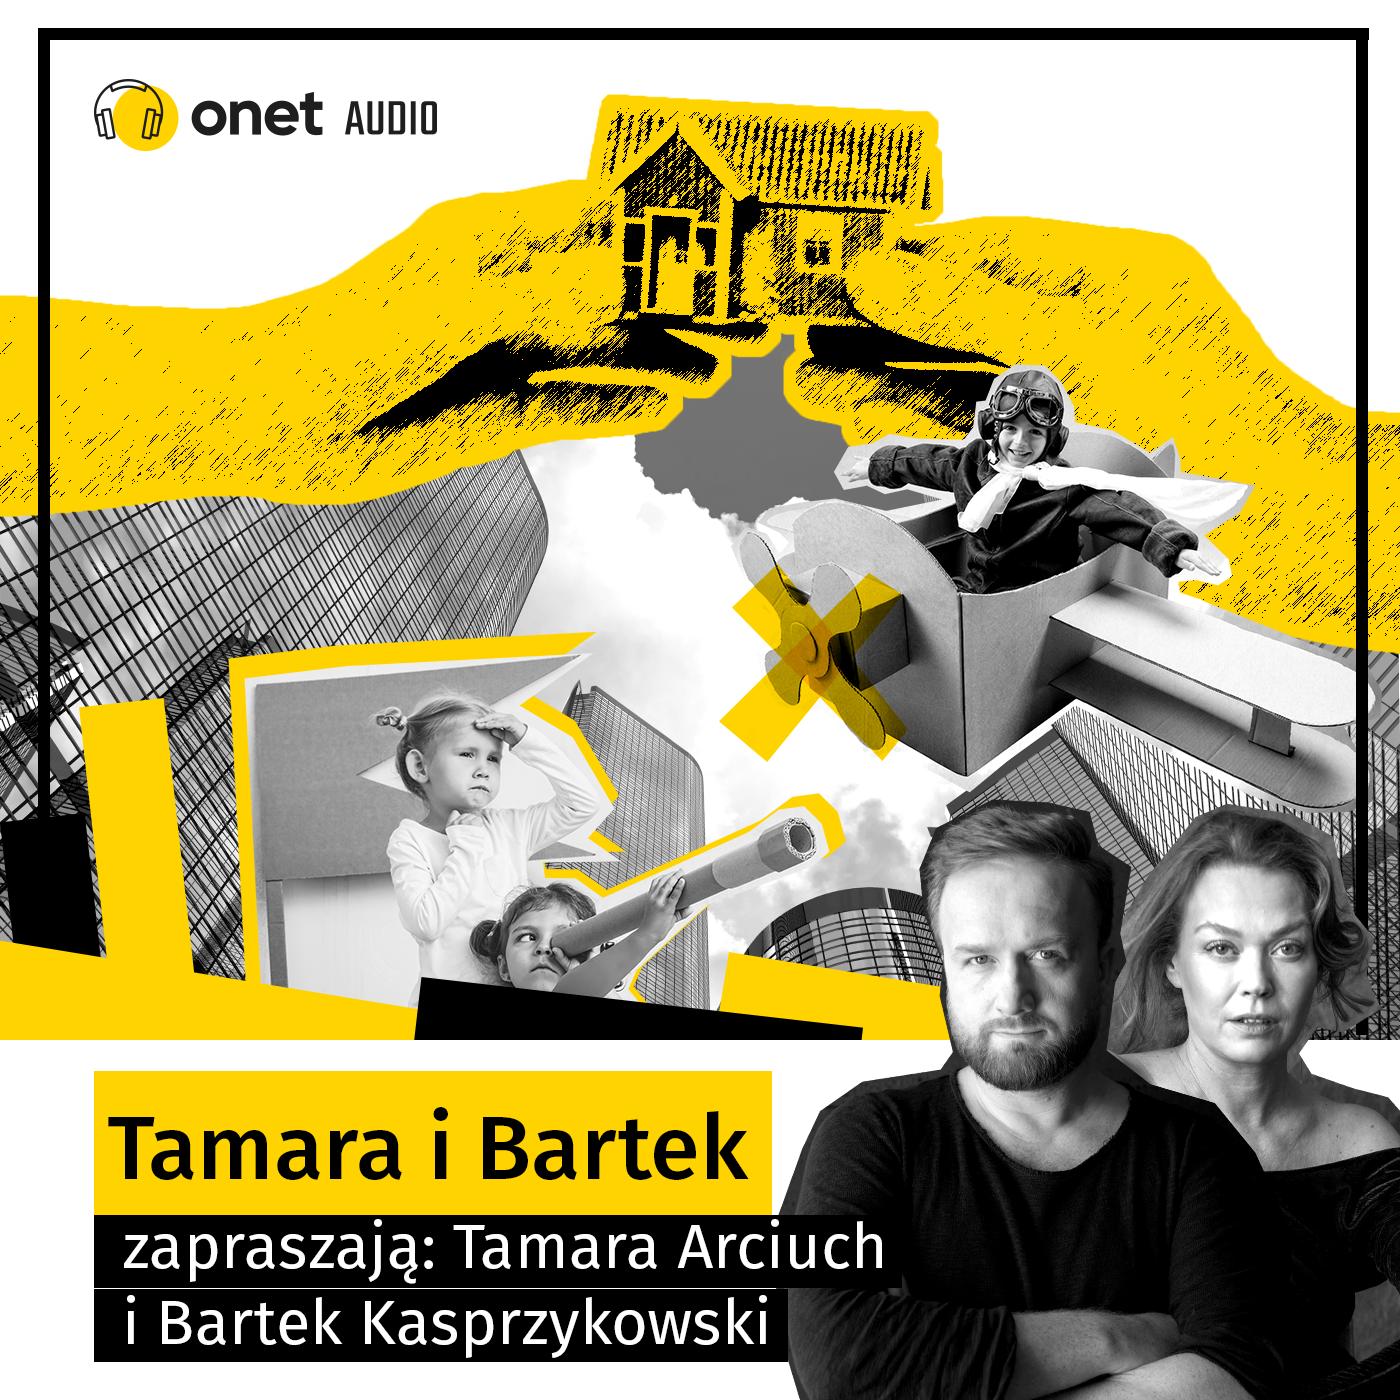 Tamara i Bartek show art